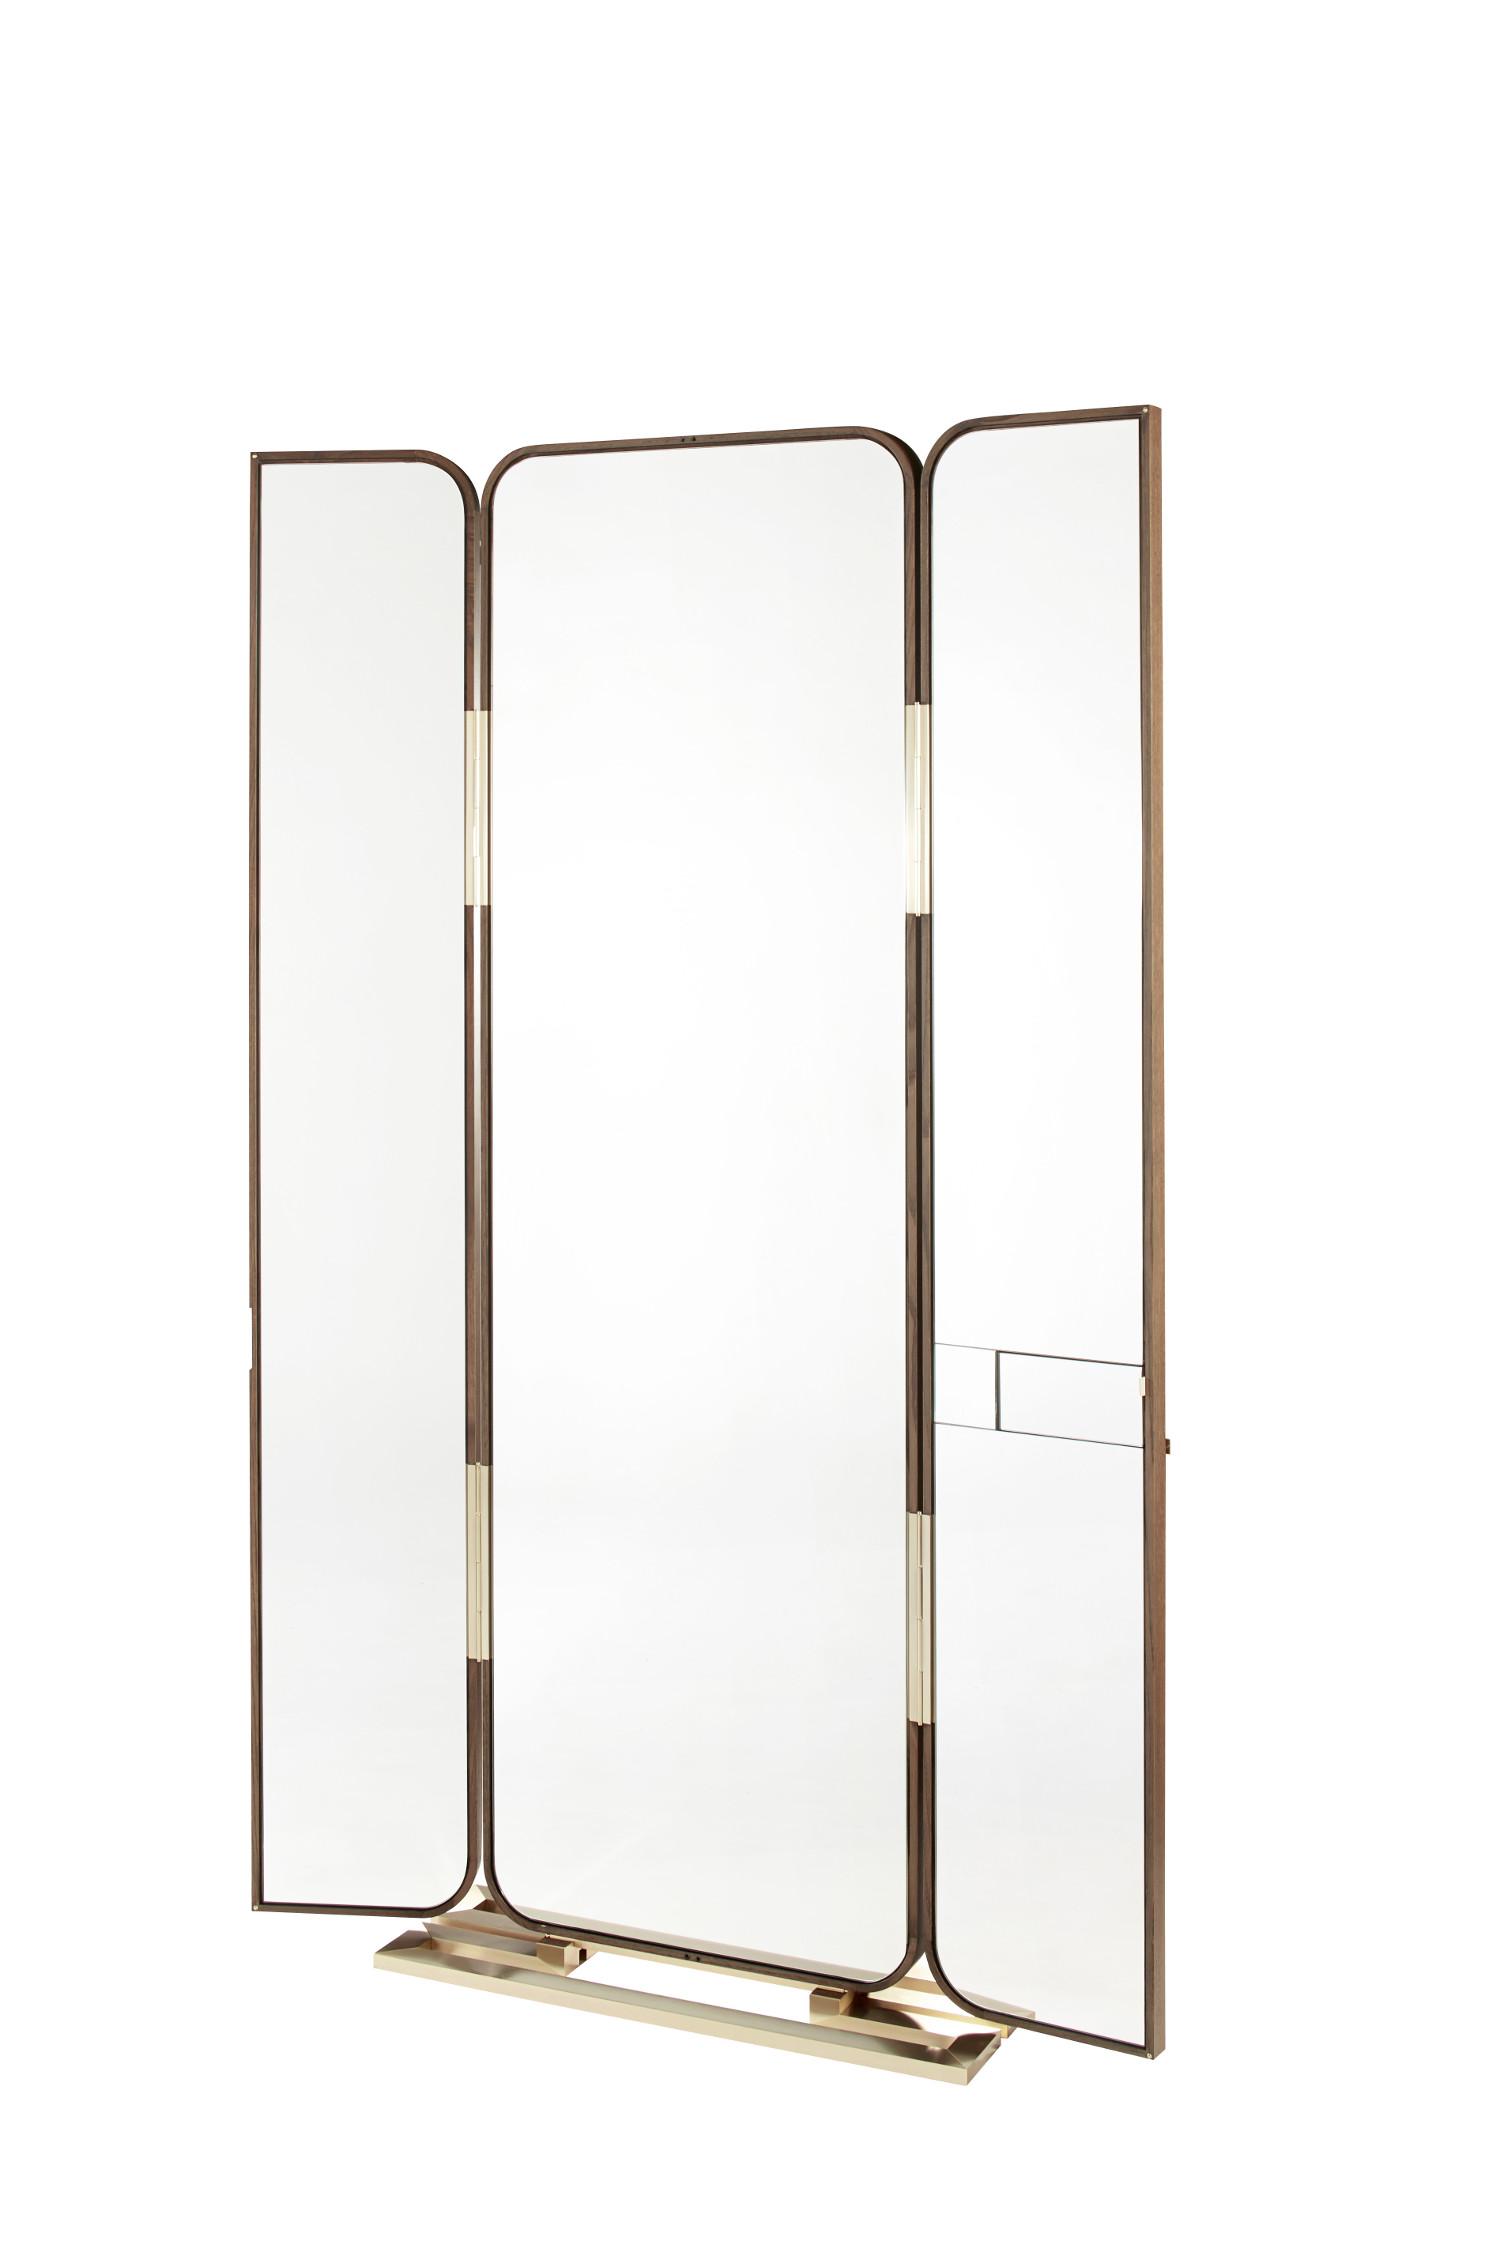 Tripleje(u)-miroir2.jpg